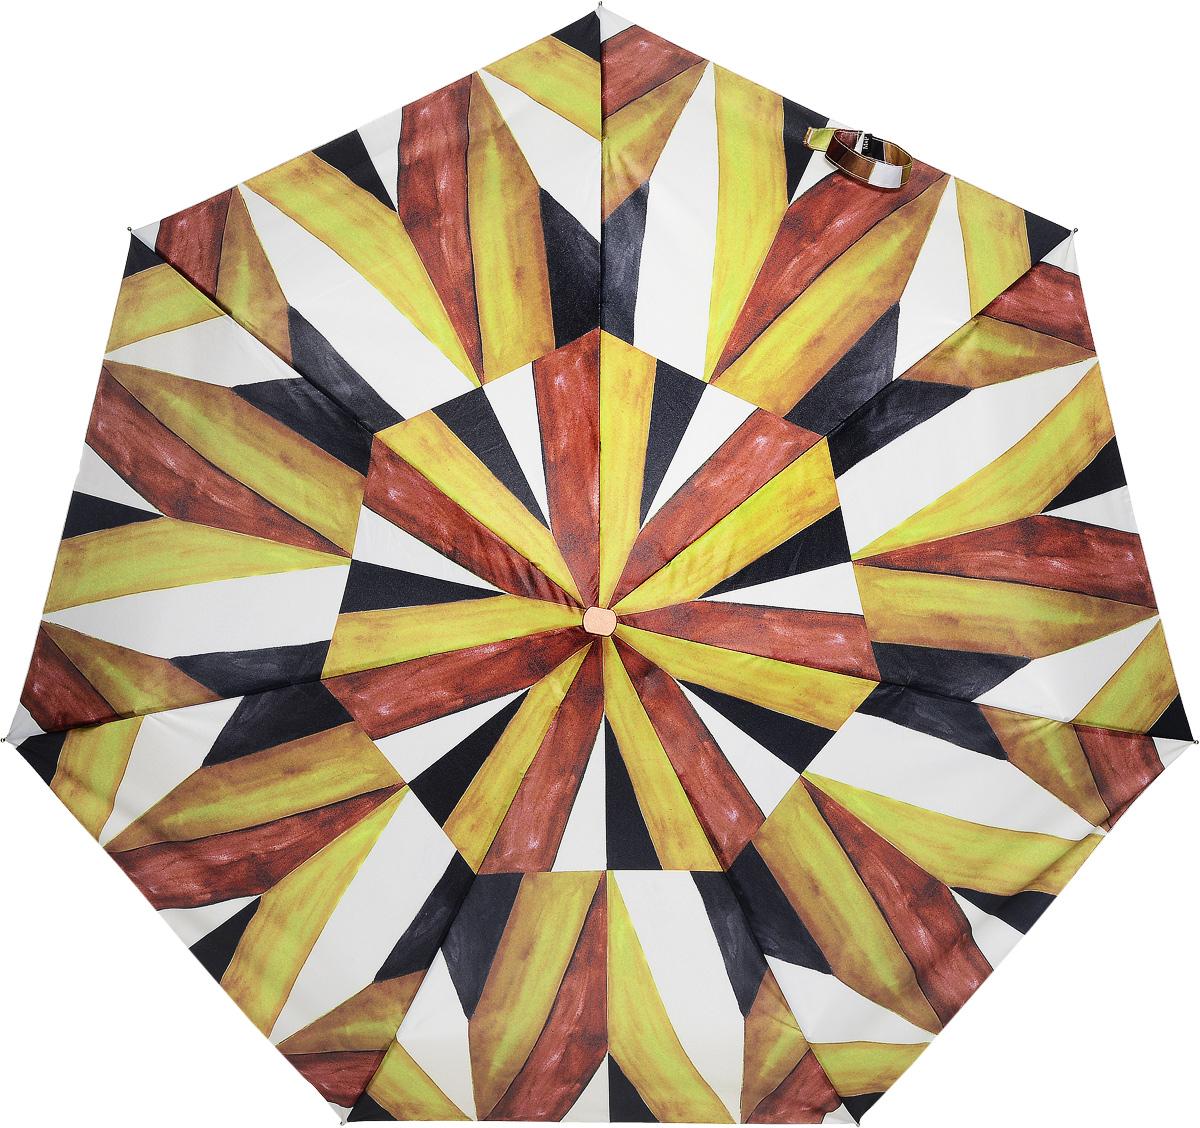 M&P 5869-3 Зонт полный автом. 4 сл. жен.REM12-CAM-REDBLACKЗонт испанского производителя Clima. В производстве зонтов используются современные материалы, что делает зонты легкими, но в то же время крепкими. Полный автомат, 4 сложения, 7 спиц, полиэстер.